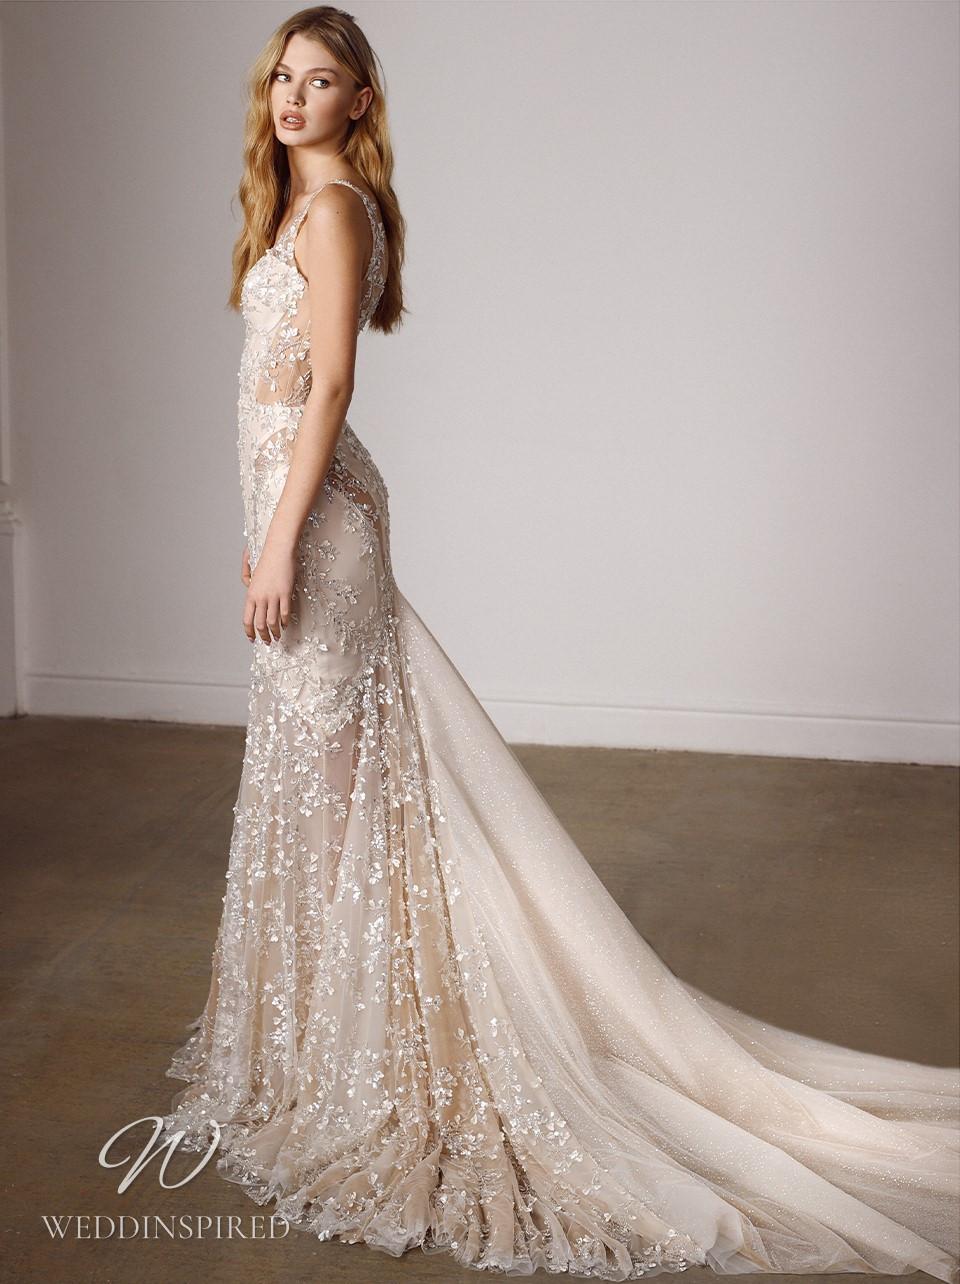 A Galia Lahav 2022 champagne mermaid wedding dress with straps